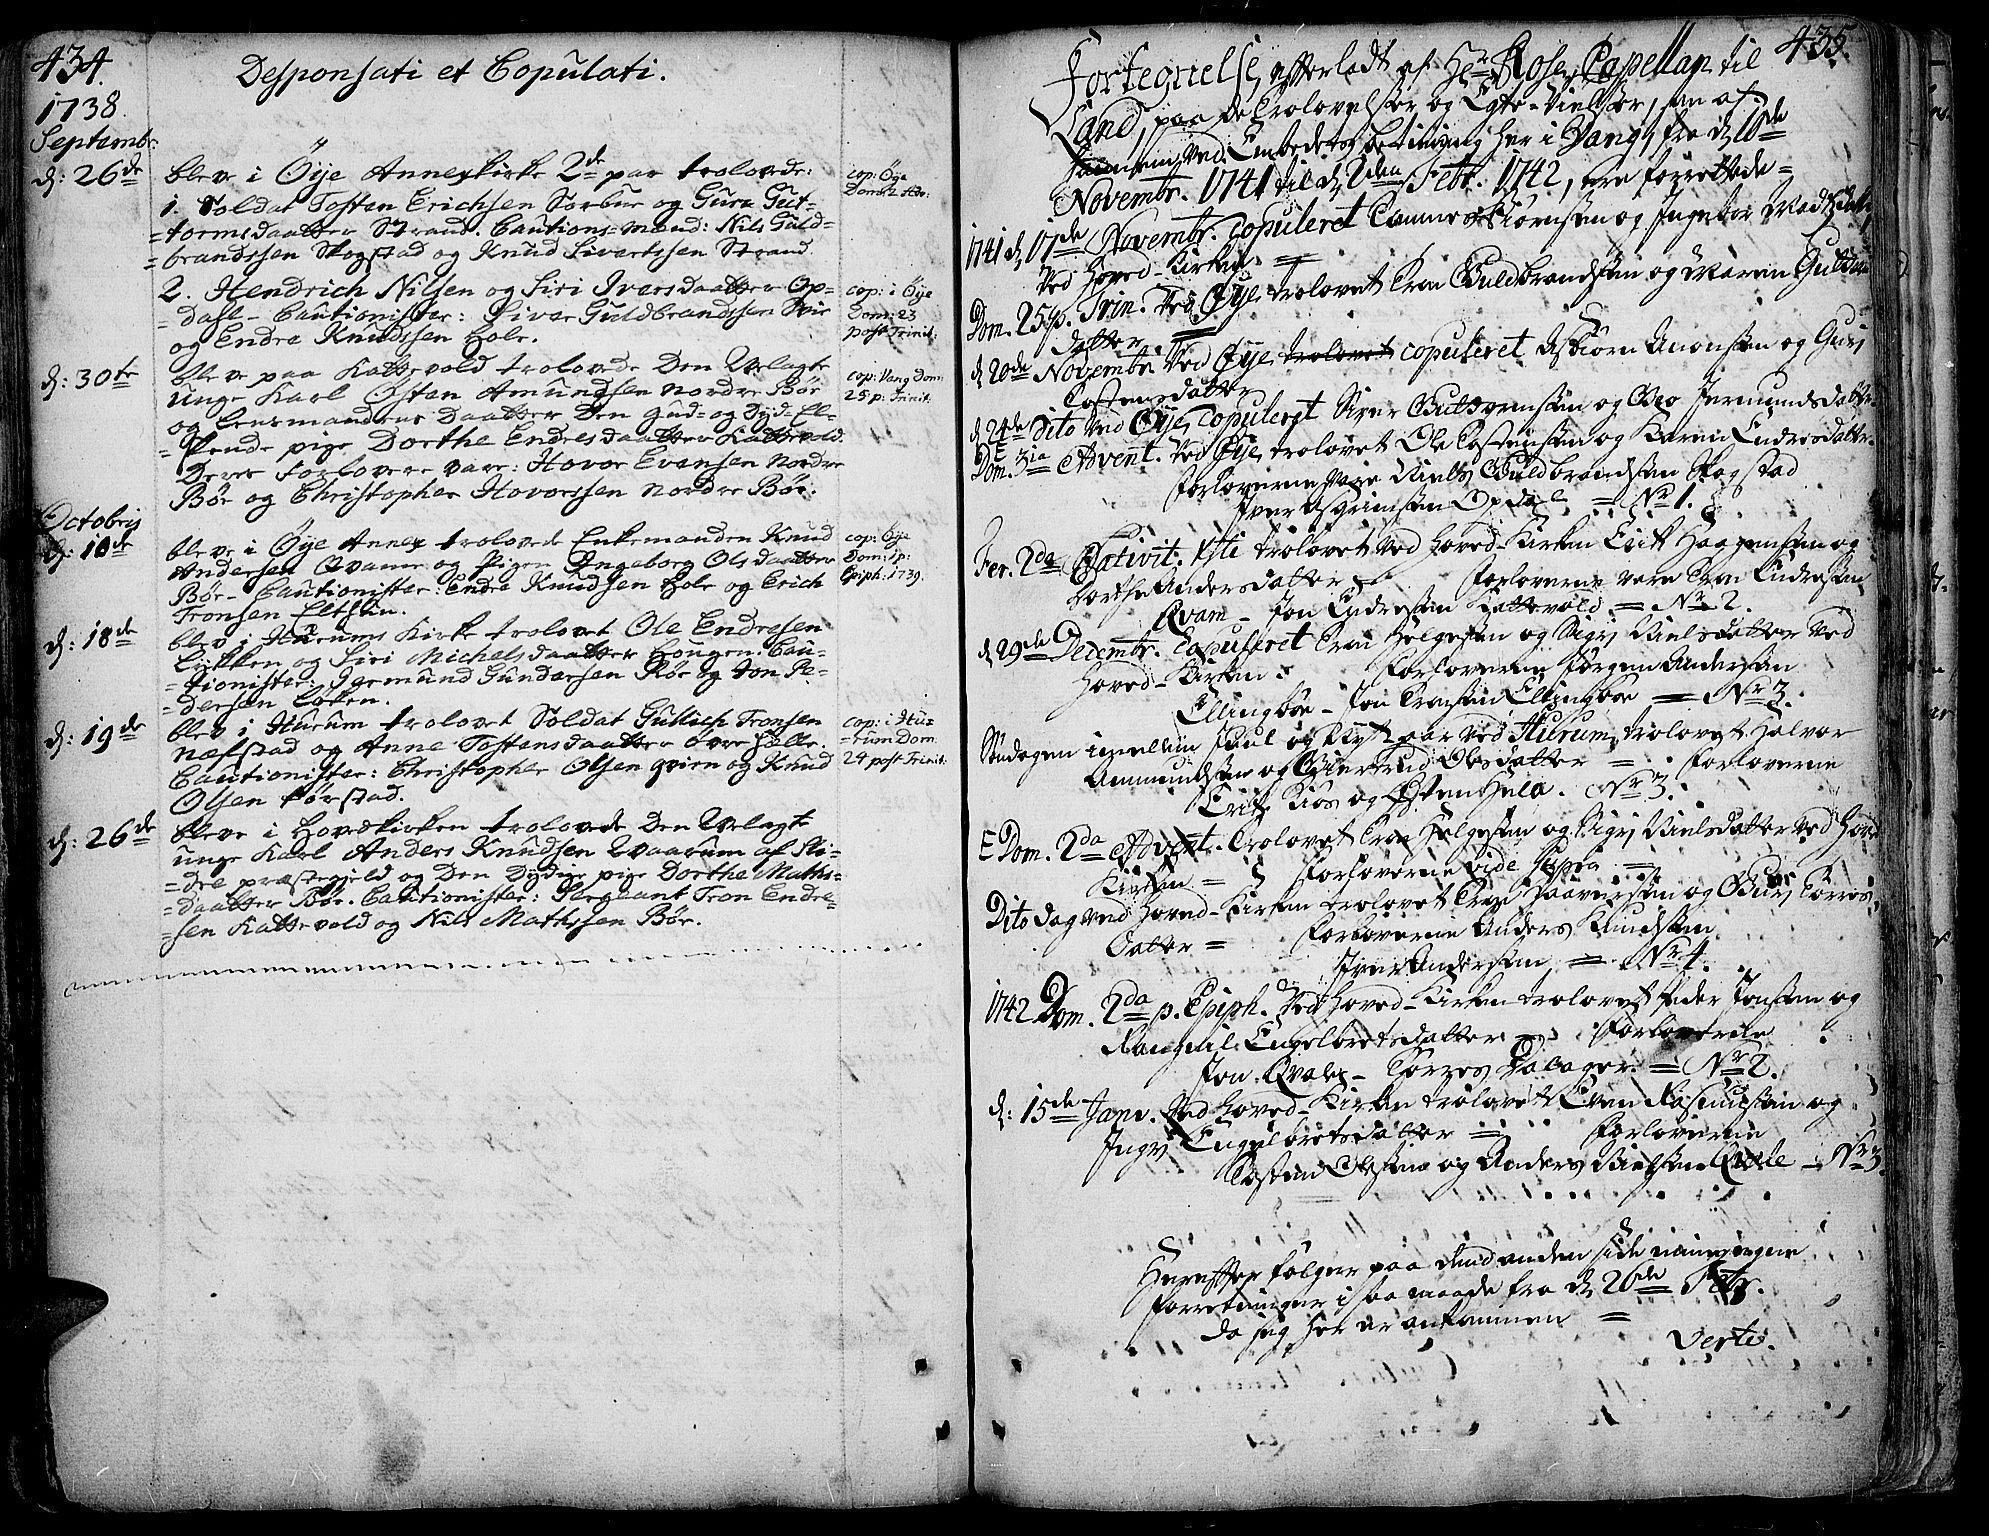 SAH, Vang prestekontor, Valdres, Ministerialbok nr. 1, 1730-1796, s. 434-435